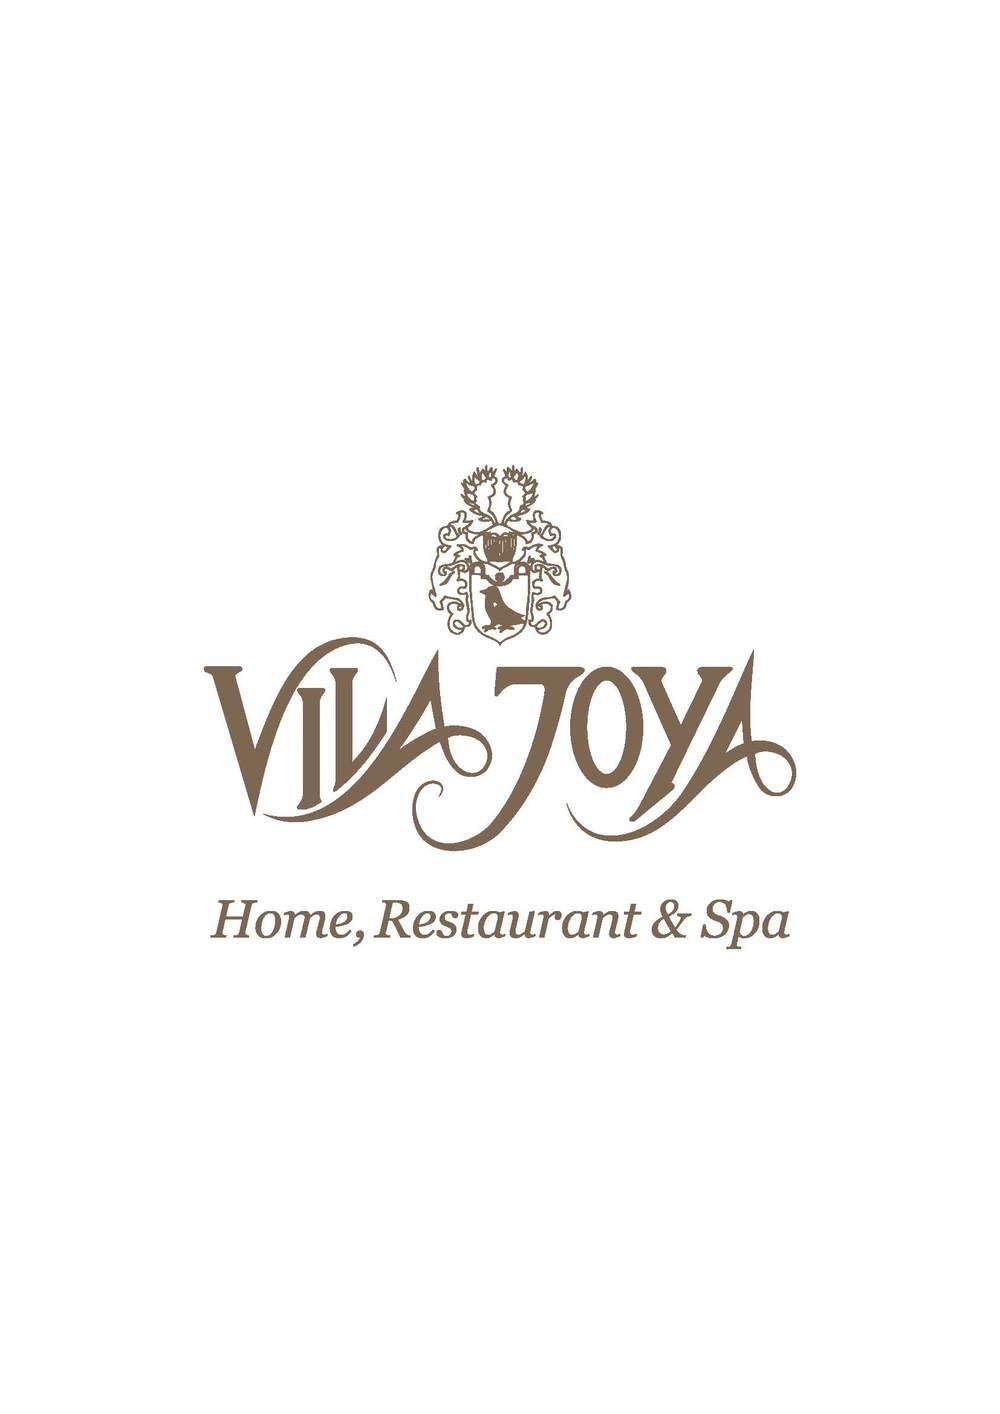 LogoVilaJoya